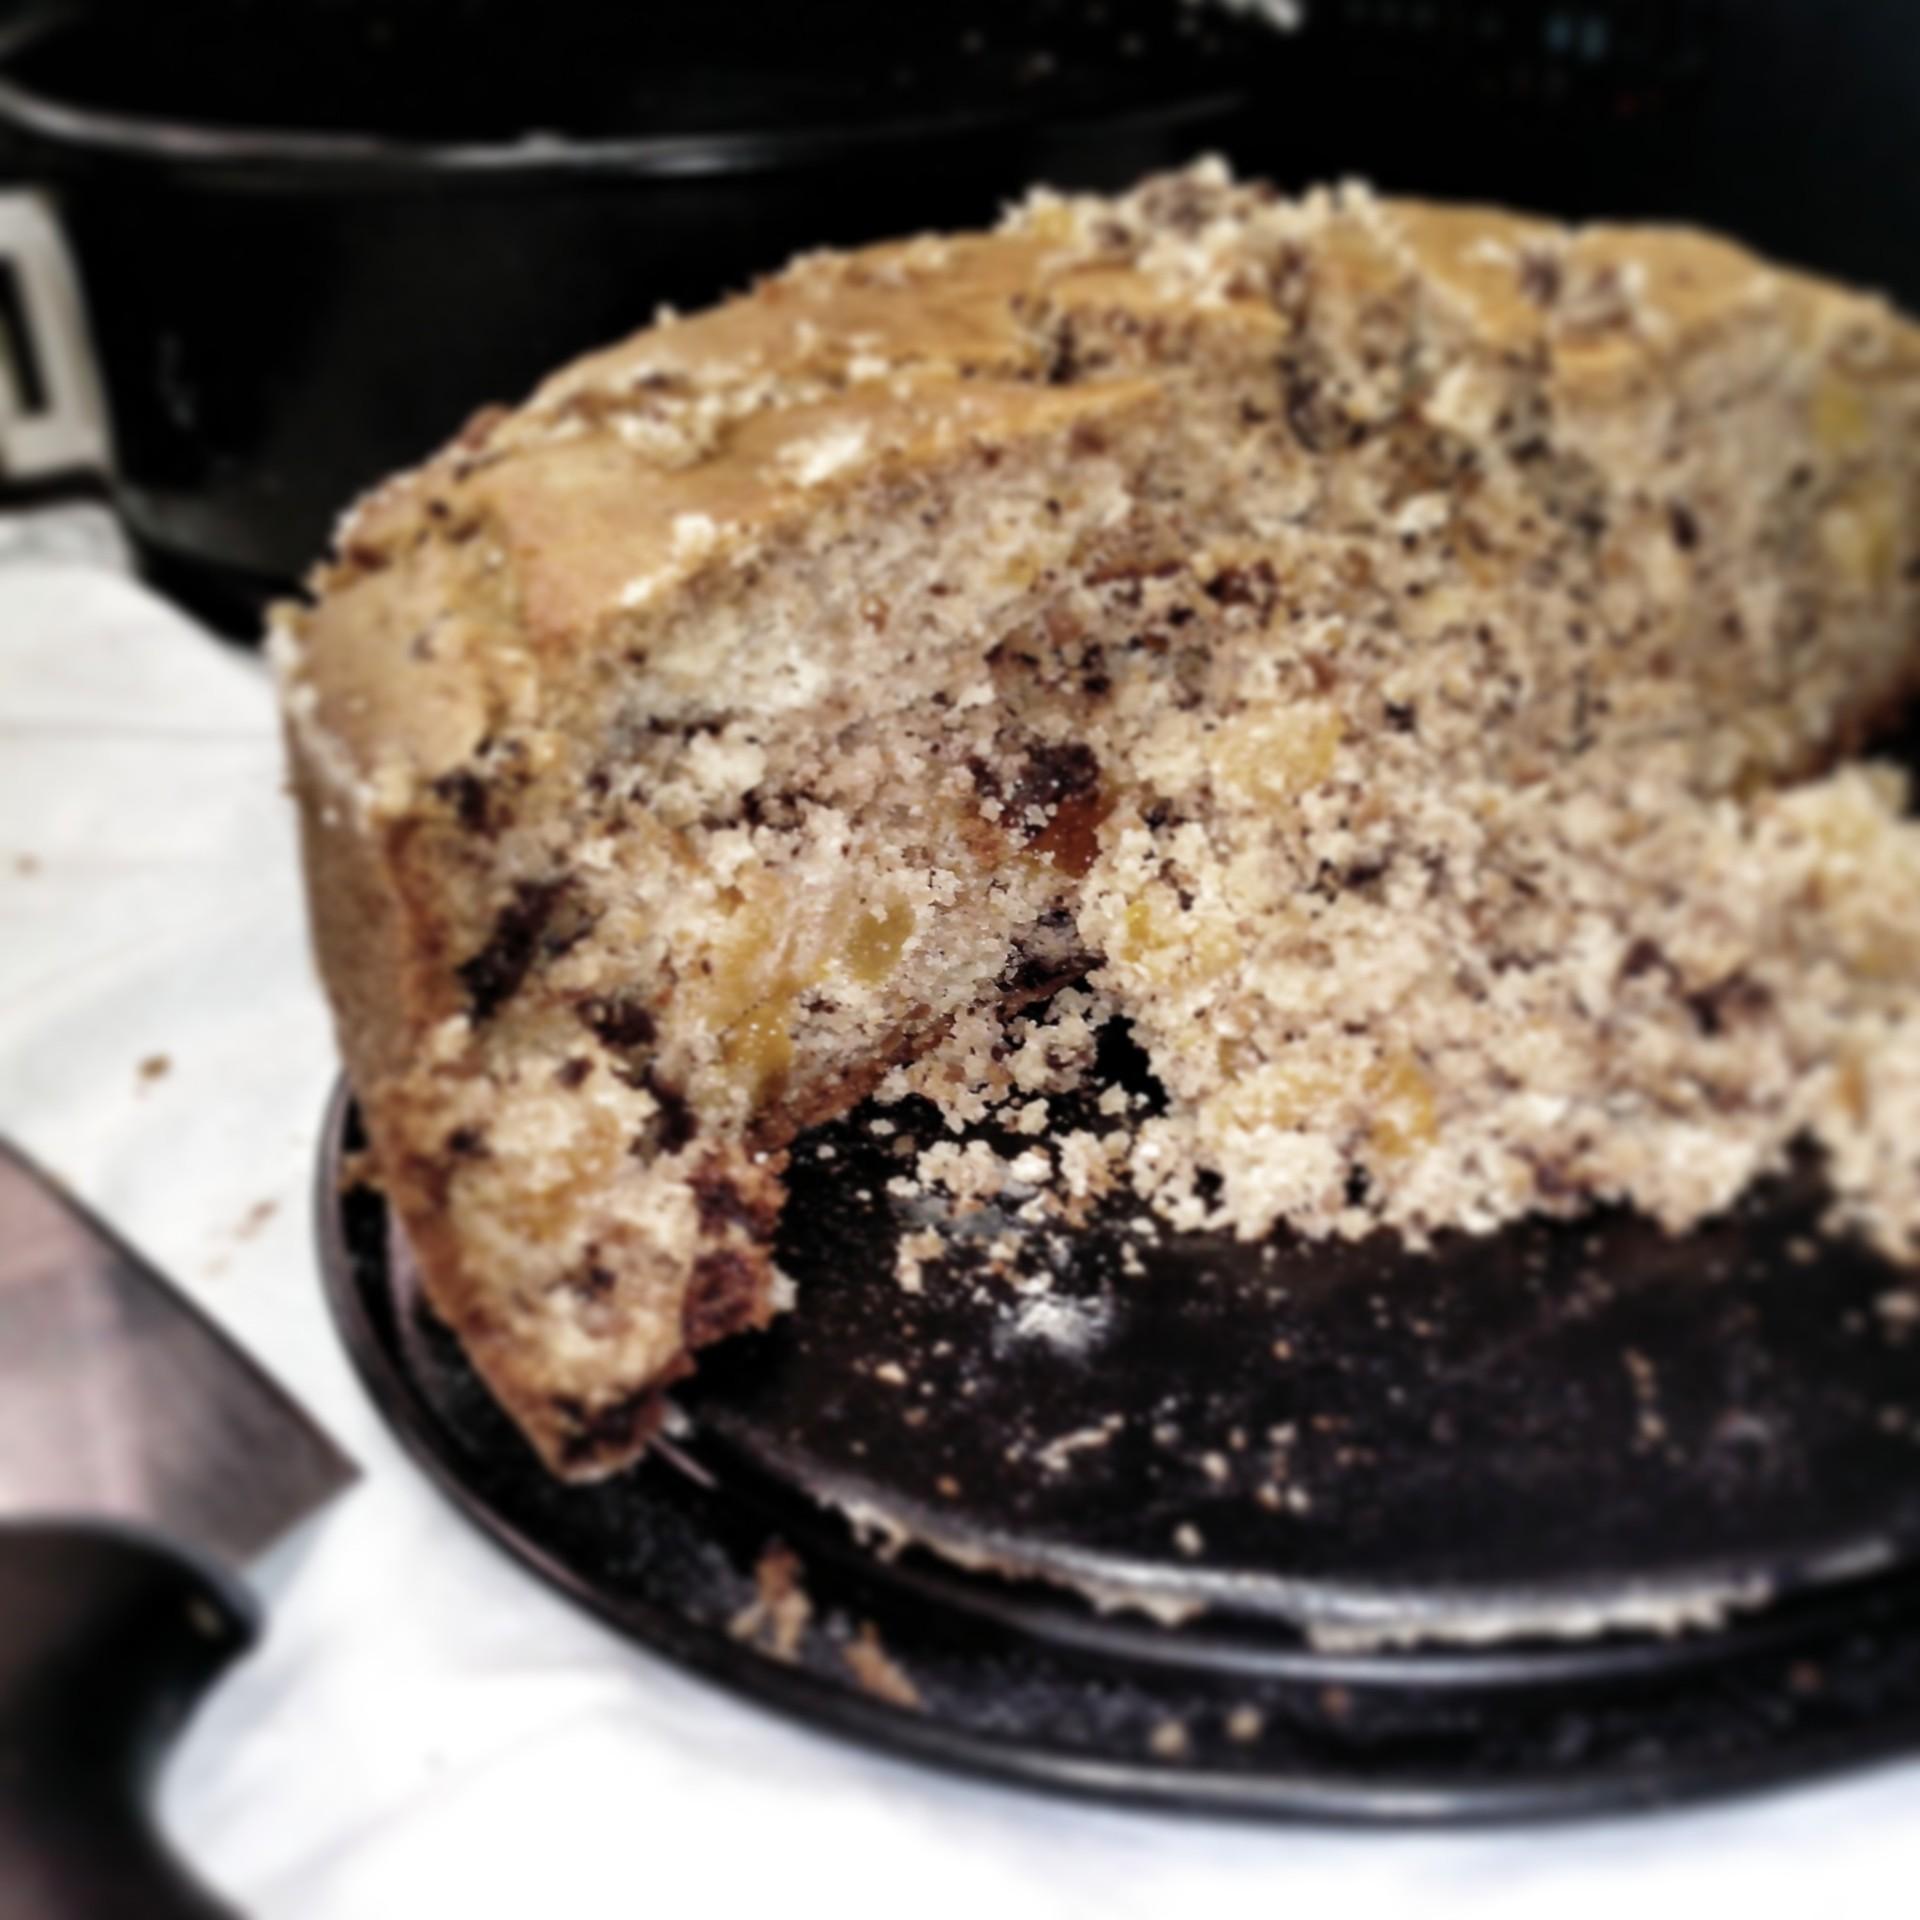 torta di albicocche e cioccolato senza glutine